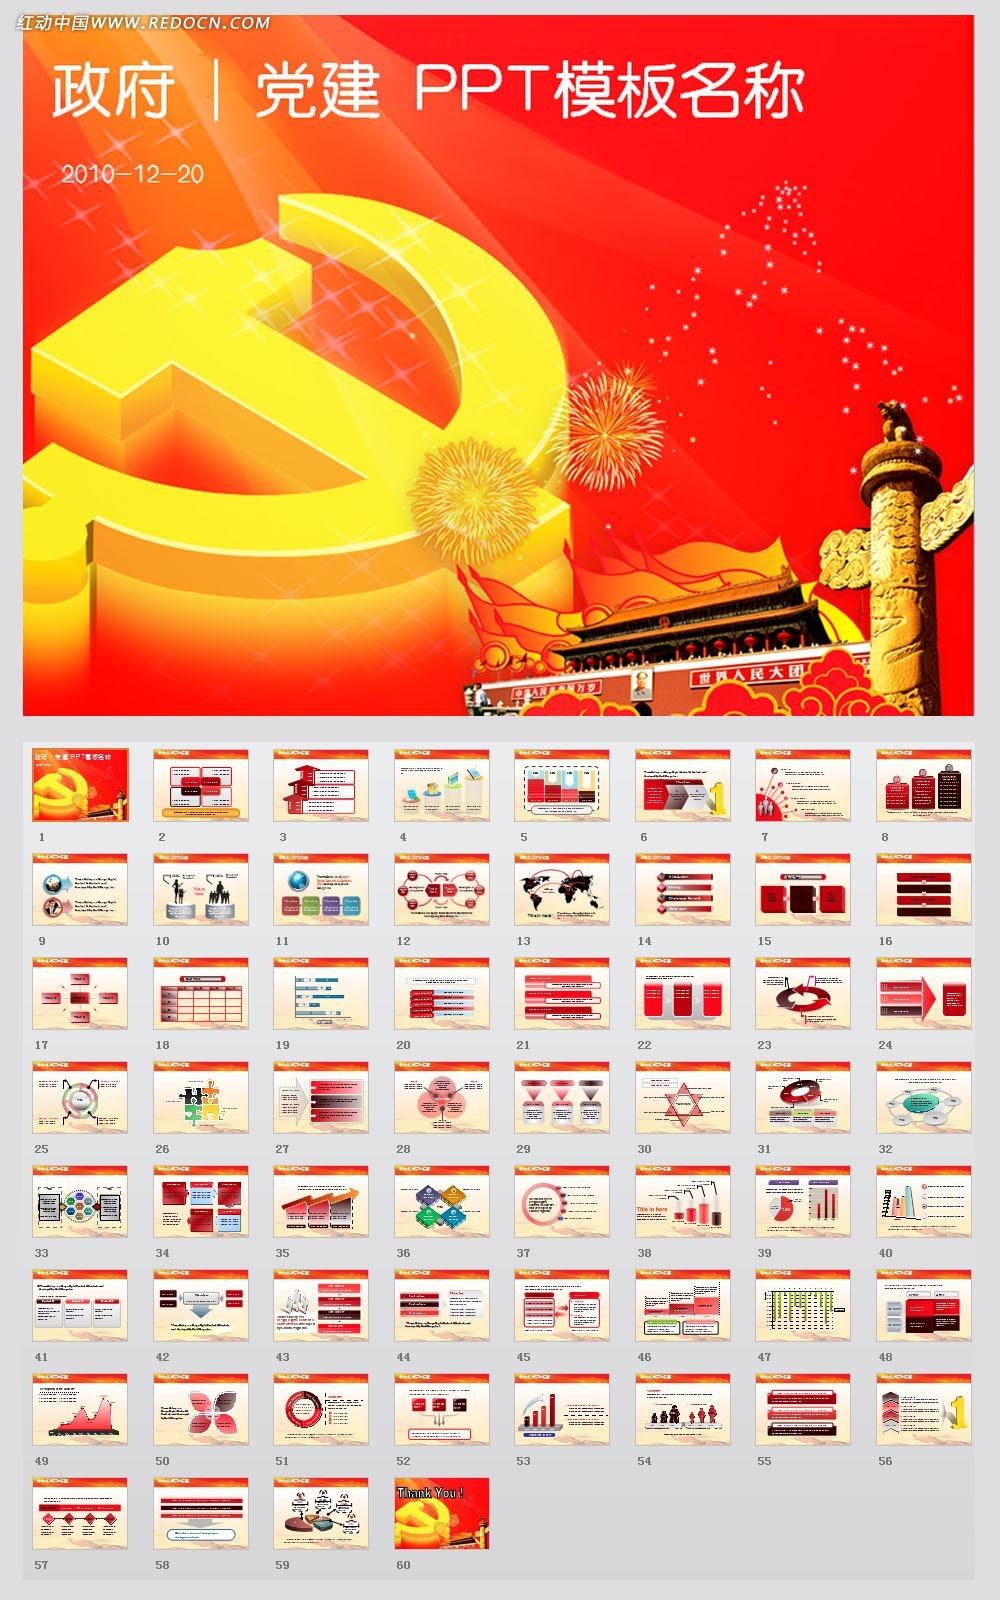 红色 党标 背景ppt模板 节日民俗